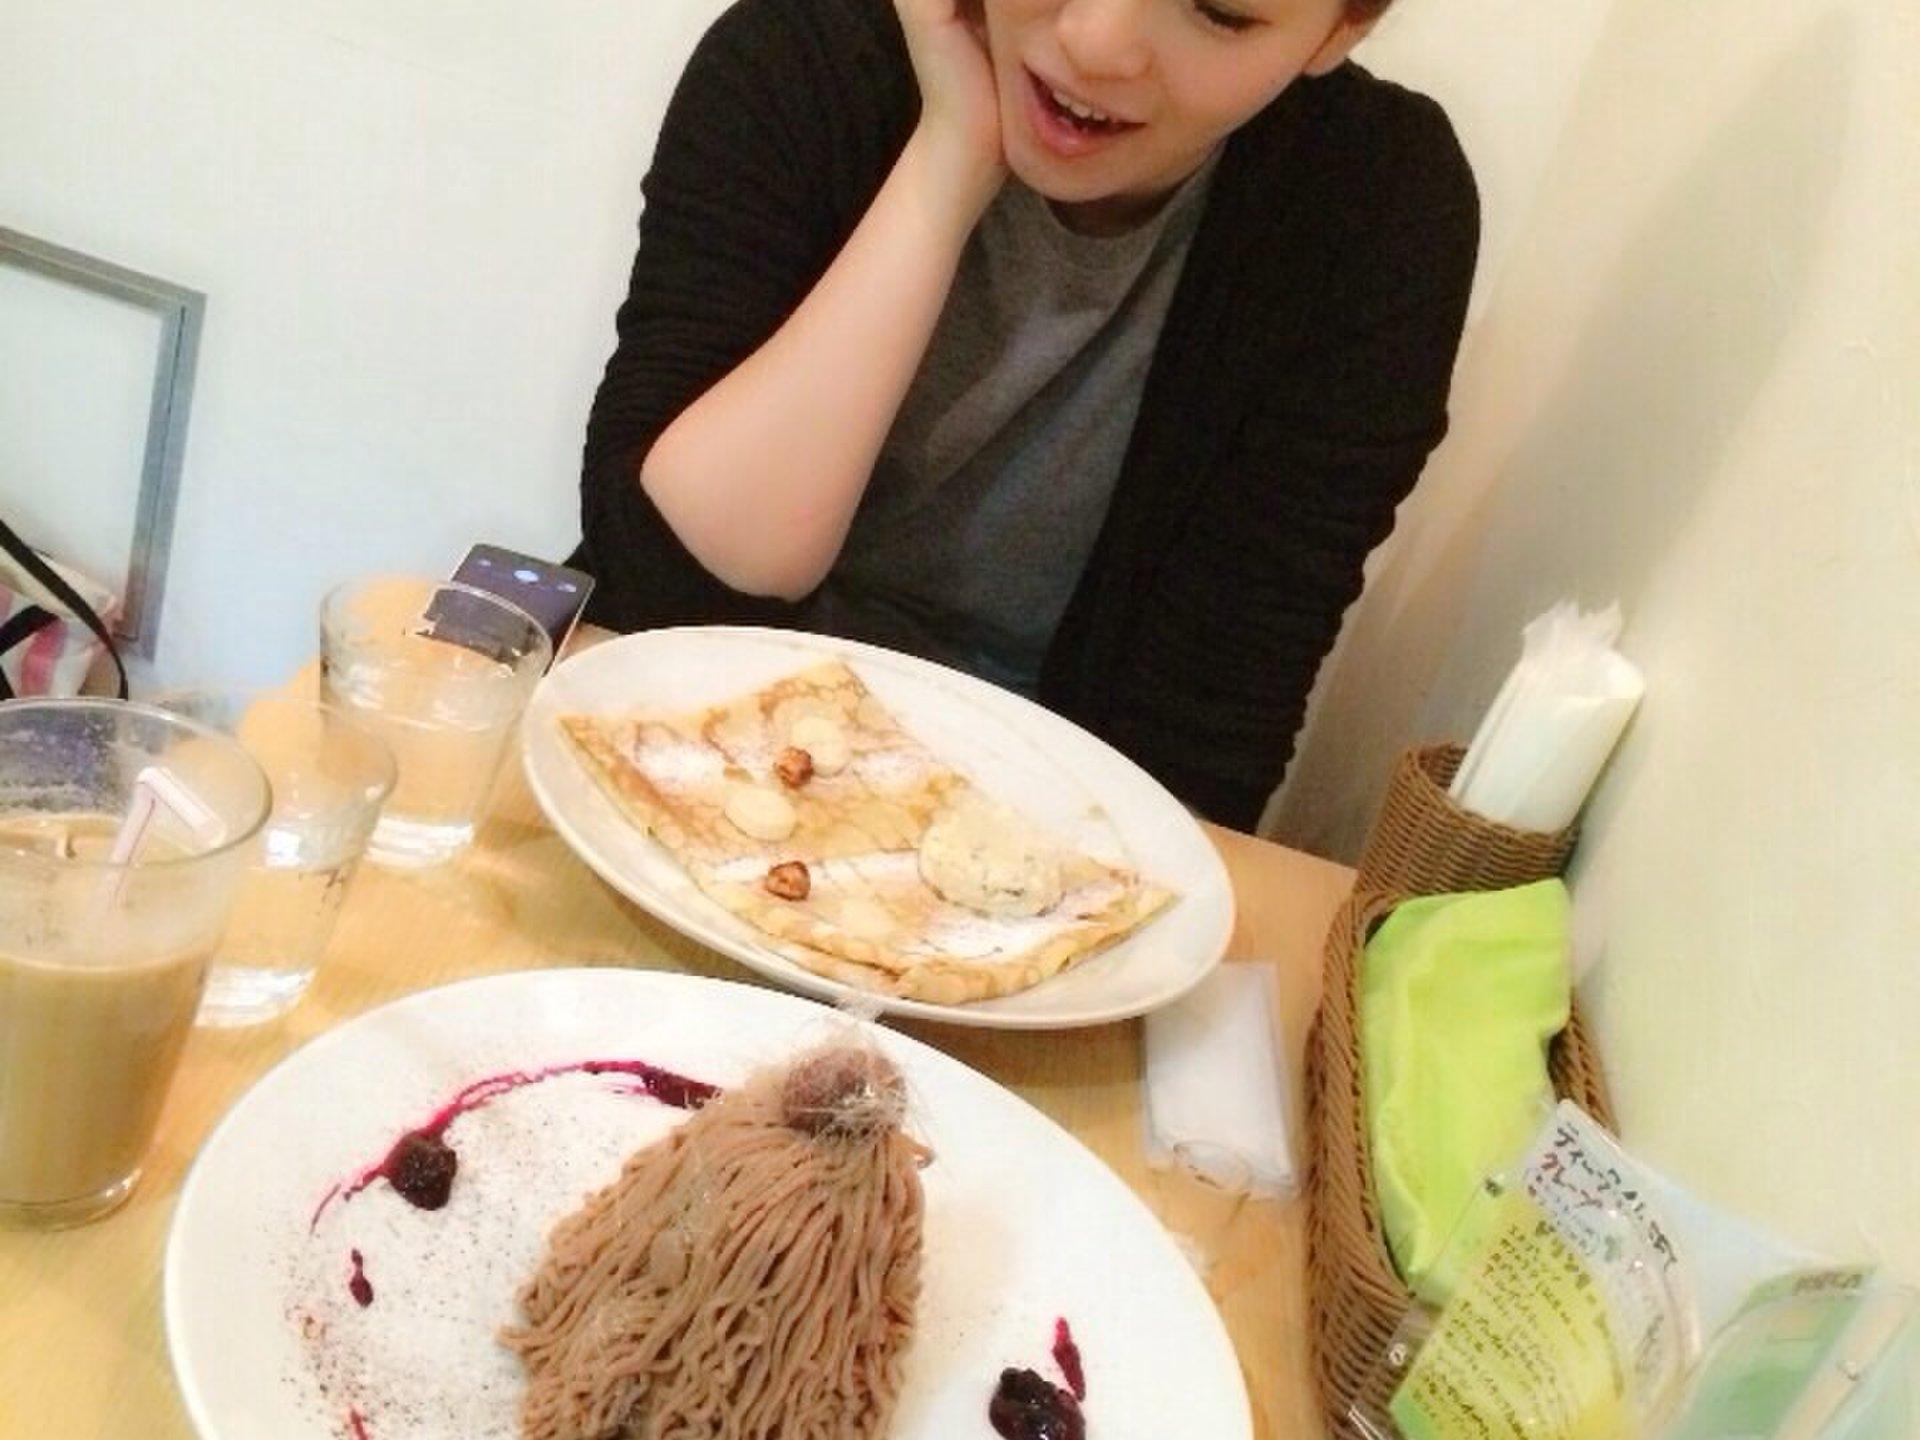 食べログ☆3.5以上【ガレット・クレープが美味しい荻窪の穴場カフェ!】